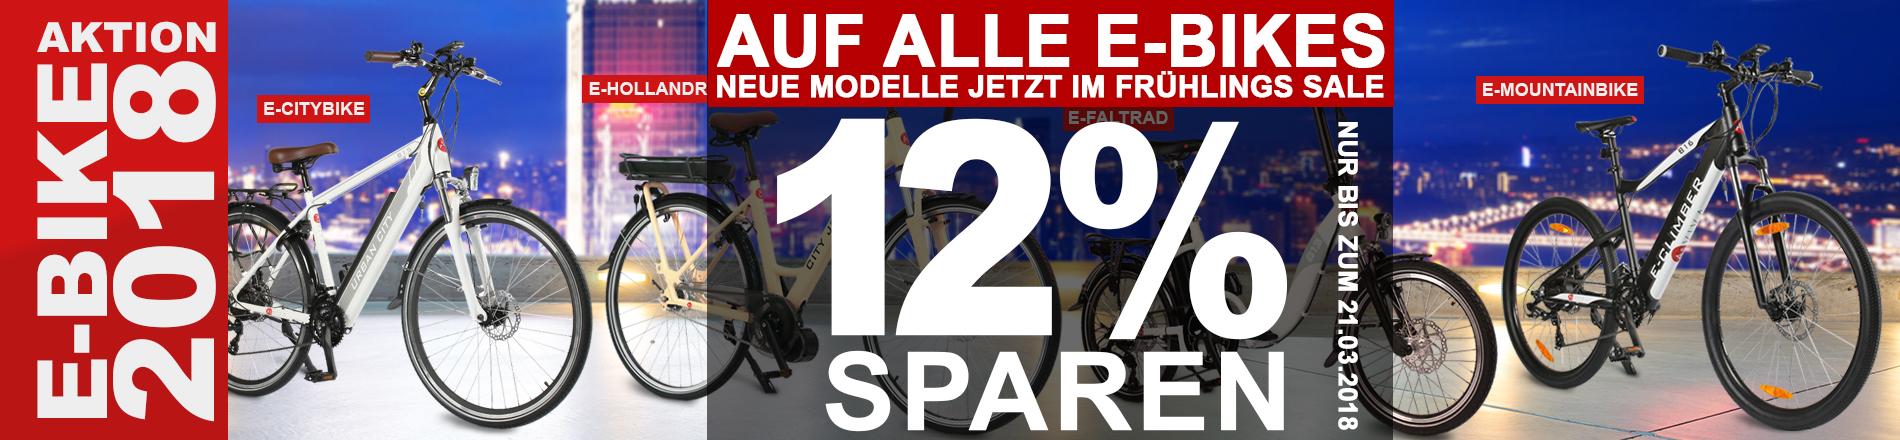 E-Bike Frühlingsaktion - E-Bikes von AsVIVA 12% reduziert